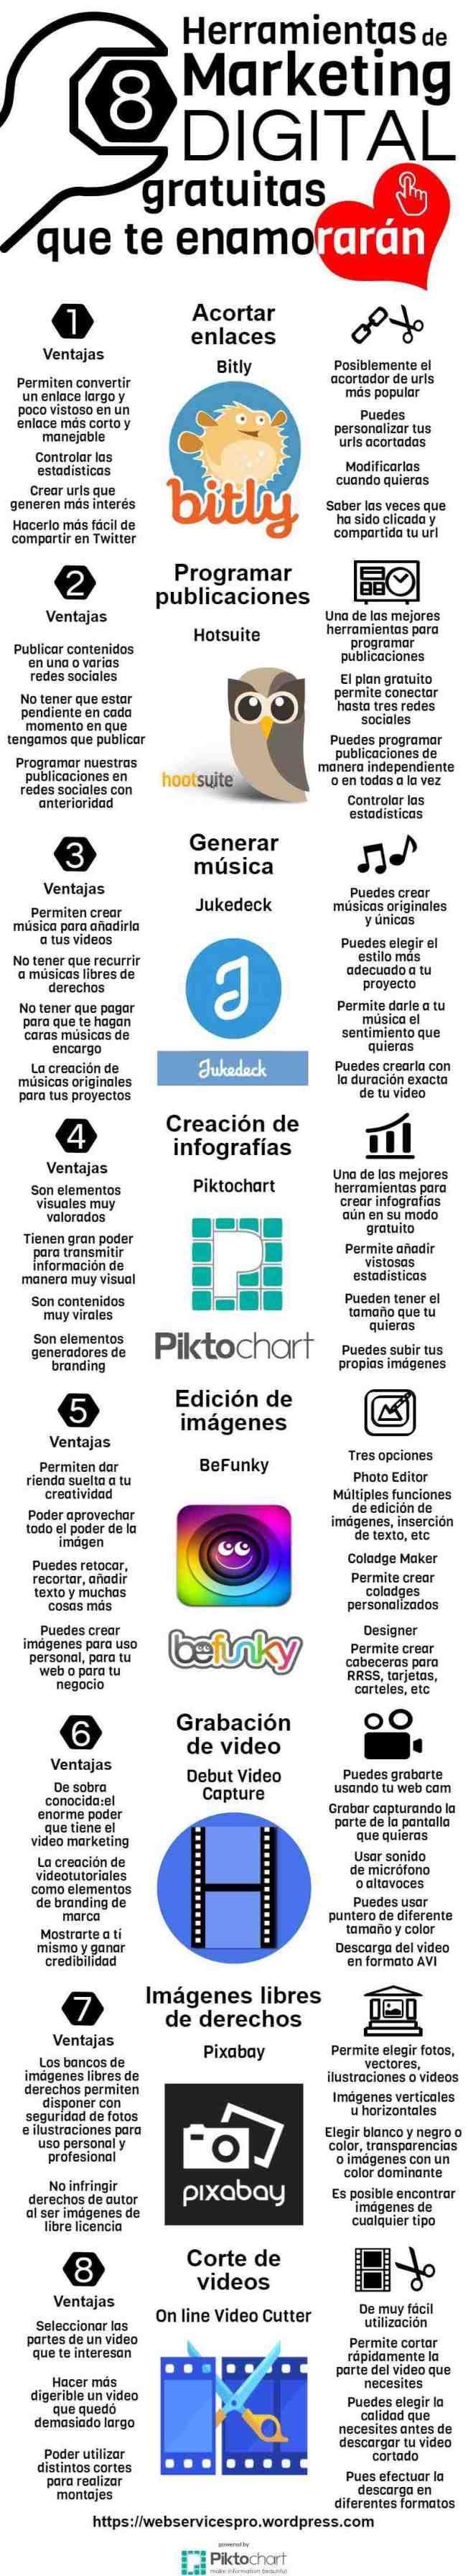 8 Herramientas de marketing digital gratuitas que te enamorarán https://webservicespro.wordpress.com/2016/04/11/8-herramientas-marketinlng-digital-gratuitas/